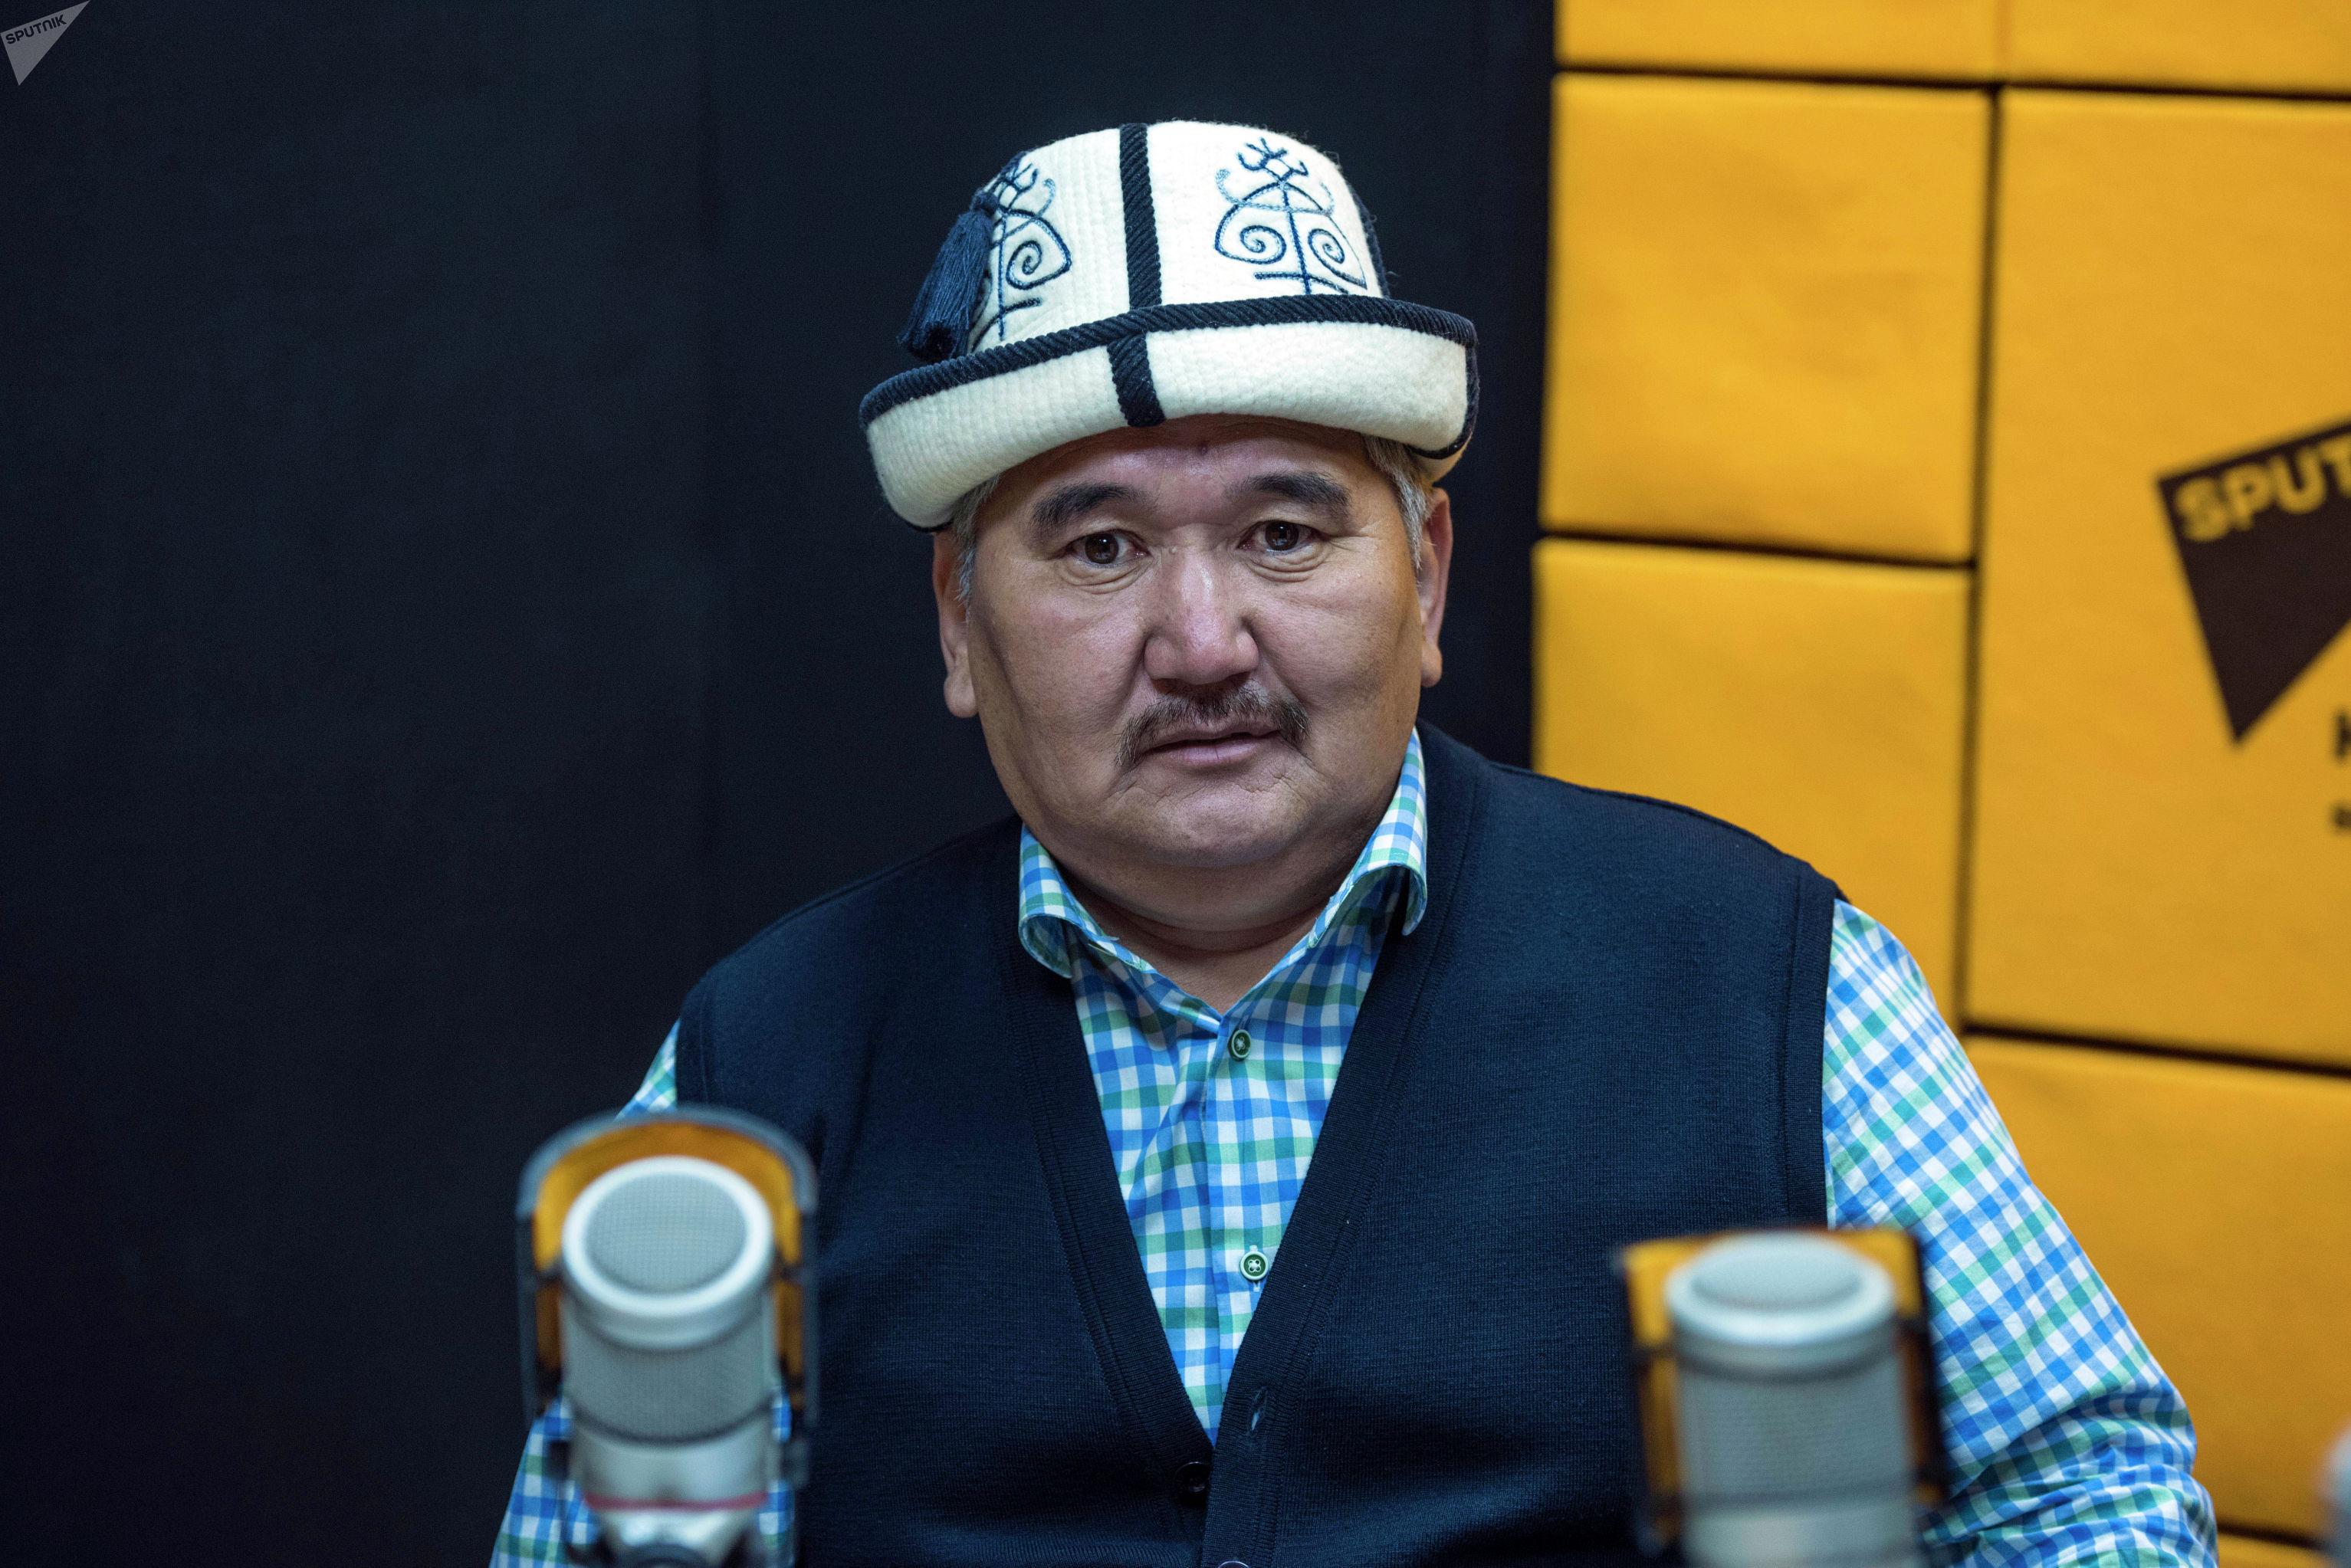 Член комитета мельников Кубанычбек Кудайкулов во время беседы на радио Sputnik